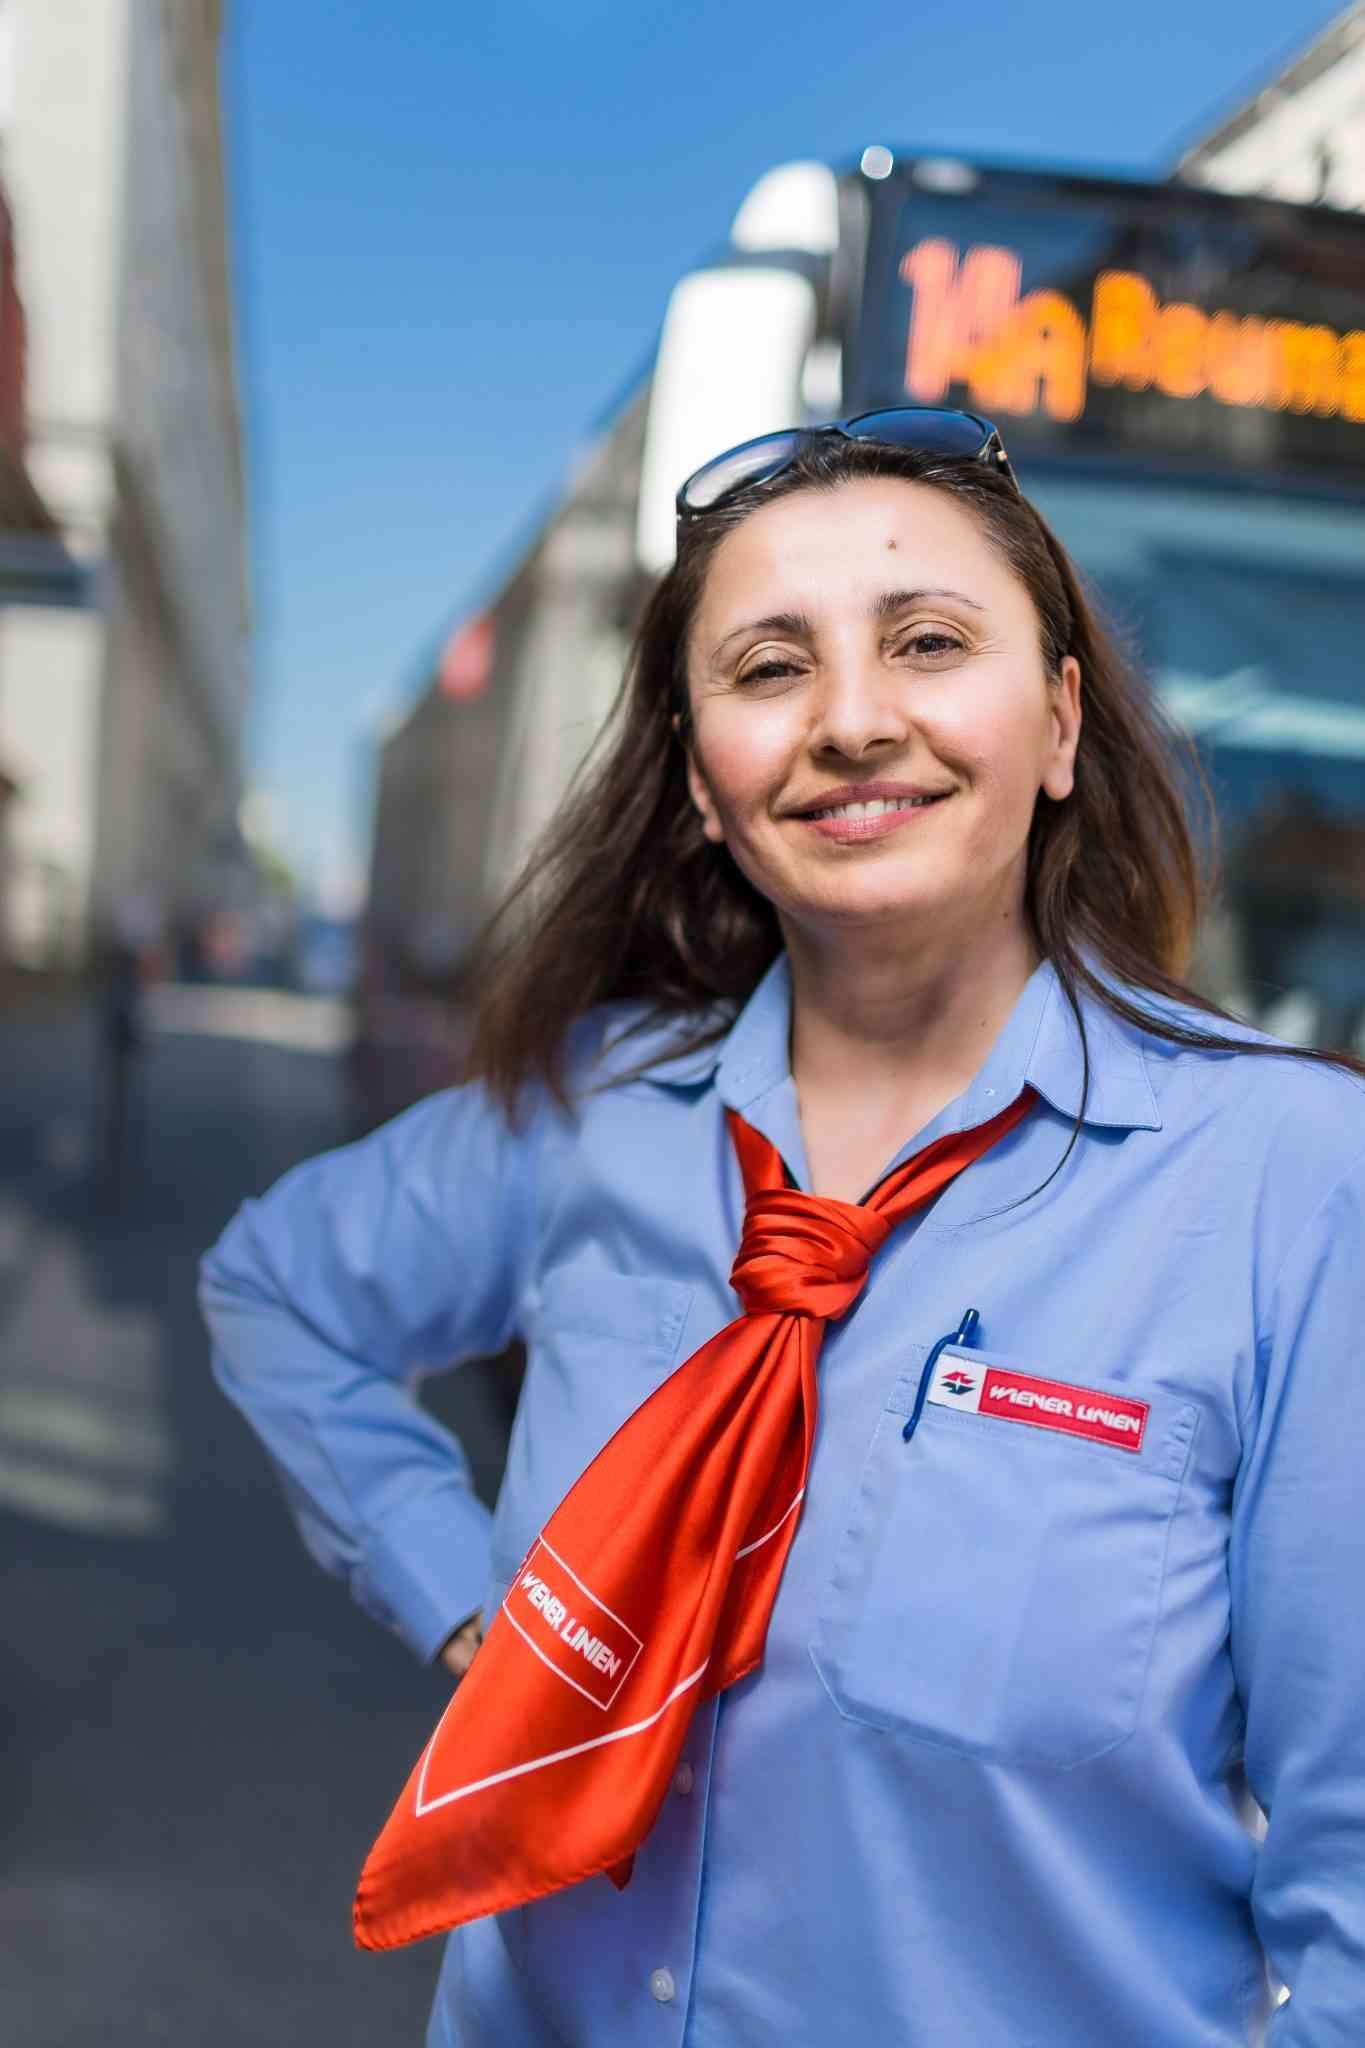 """Anica Dimitrijević, Buslenkerin - Anica Dimitrijević Lieblingsstrecke ist die Route des 13A. Sie liebt Herausforderungen. Je mehr Kurven, je mehr enge Gassen und enge Straßen es zu bewältigen gibt, desto besser. Dimitrijević ist eine von unseren rund 50 Buslenkerinnen und seit fünf Jahren bei den Wiener Linien tätig. Andere verwundert ihre Berufswahl oft. """"Bevor ich mich bei den Wiener Linien beworben habe, war ich Fahrlehrerin. Den einzigen Führerschein, den ich noch nicht hatte, war jener für den Bus. Und das hat mich gereizt"""", erzählt die lebenslustige Wienerin. (Quelle: Wiener Vielfalt, Text: Alexandra Laubner, Foto: Michael Mazohl)"""